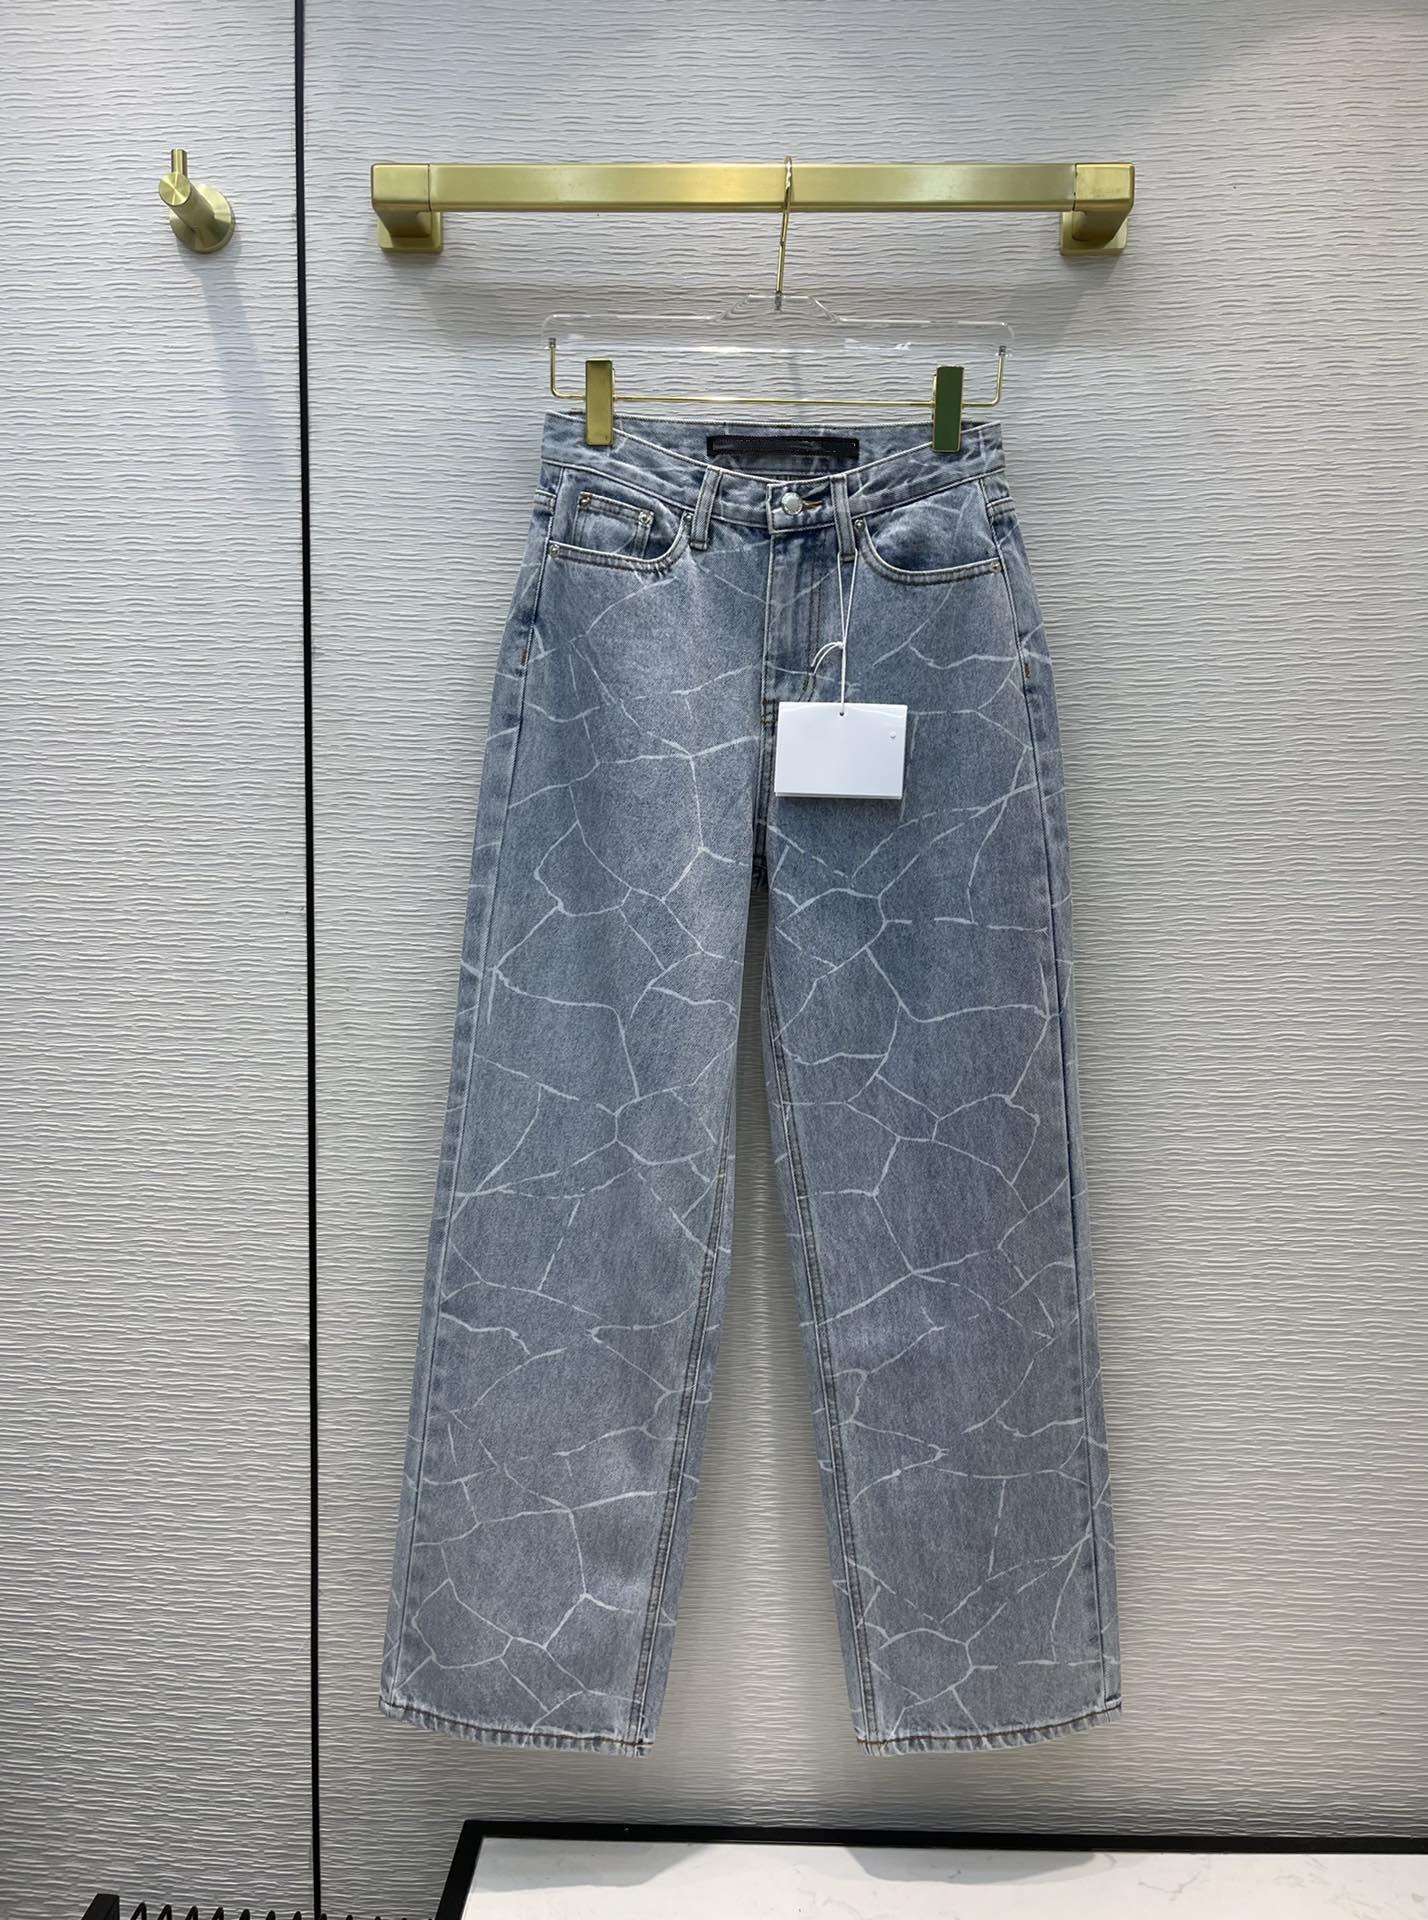 Milano Pist Jeans 2021 Sonbahar Moda Tasarımcısı Geniş Bacak Marka Aynı Stil Lüks Bayan Giyim 0729-10